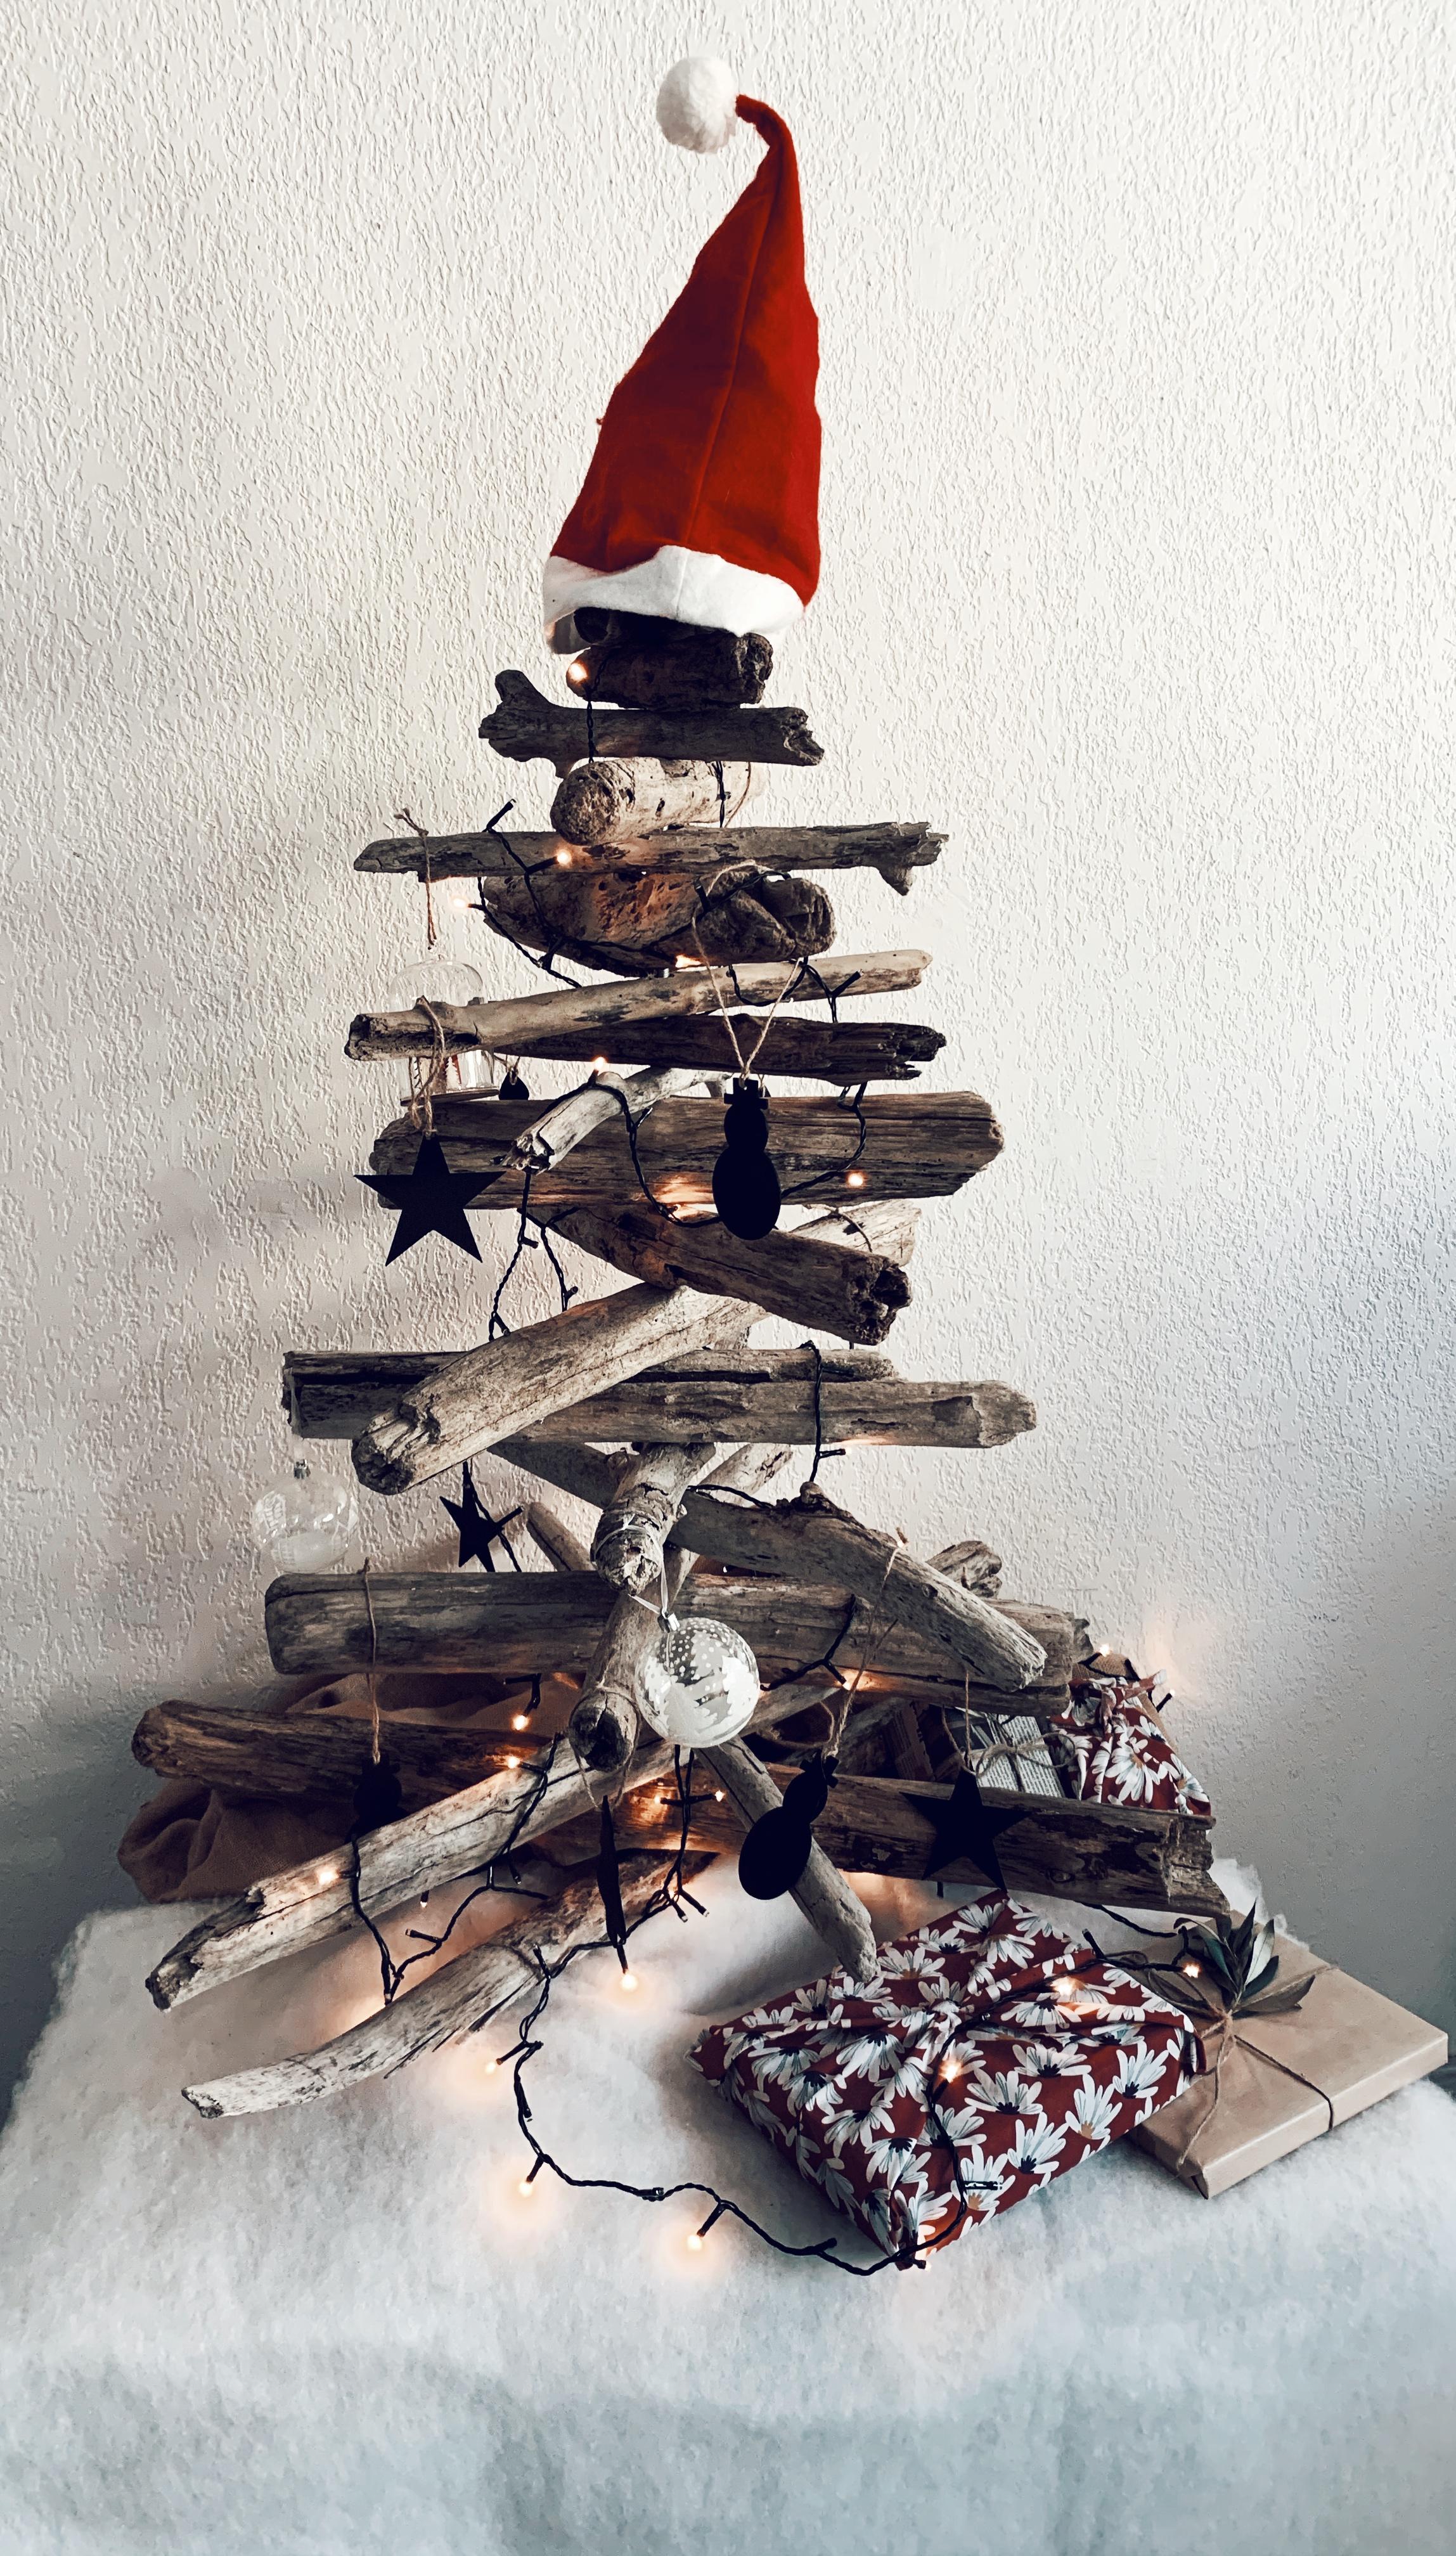 Fabriquer Des Sapins De Noel zéro déchet : comment fabriquer son sapin de noël en bois